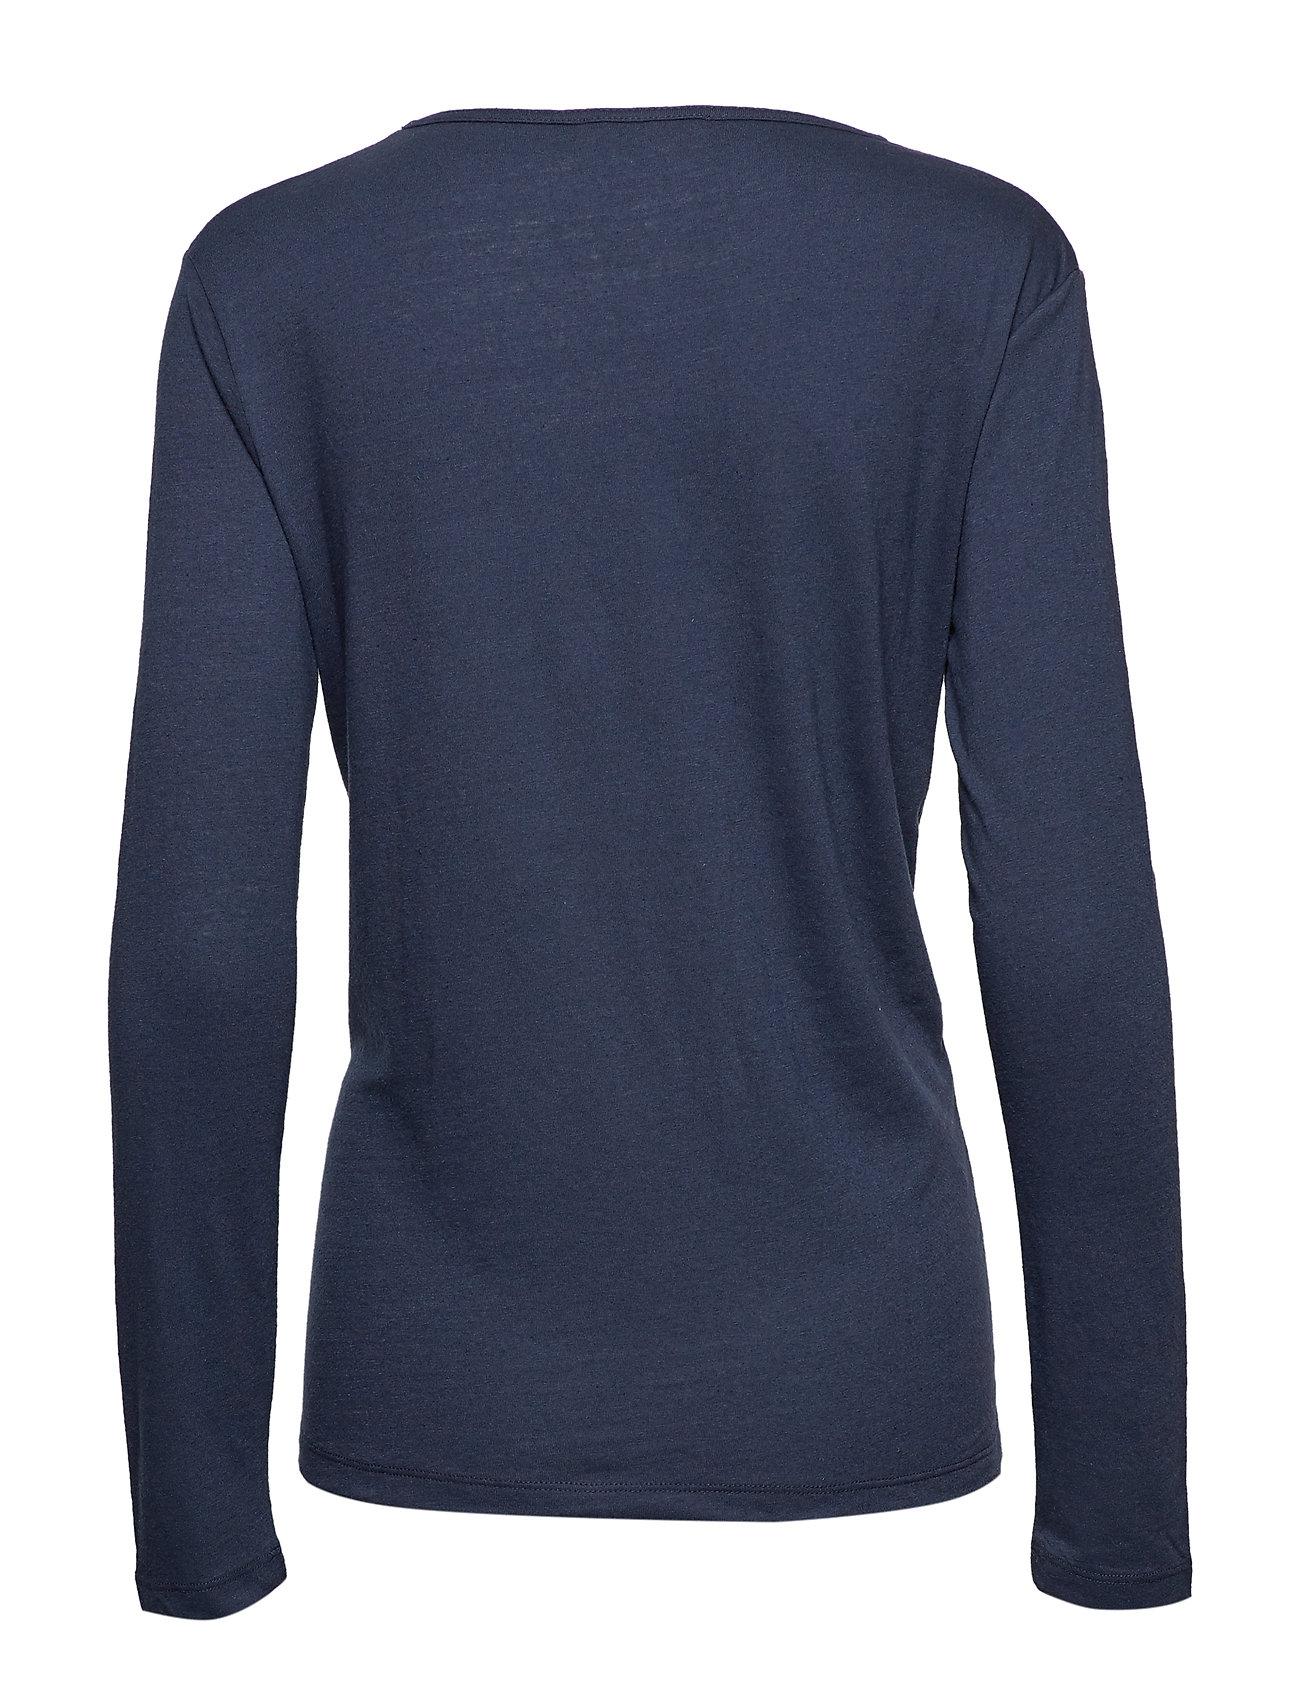 Nobel Ls 3170 Langærmet T shirt Blå SAMSØE & SAMSØE